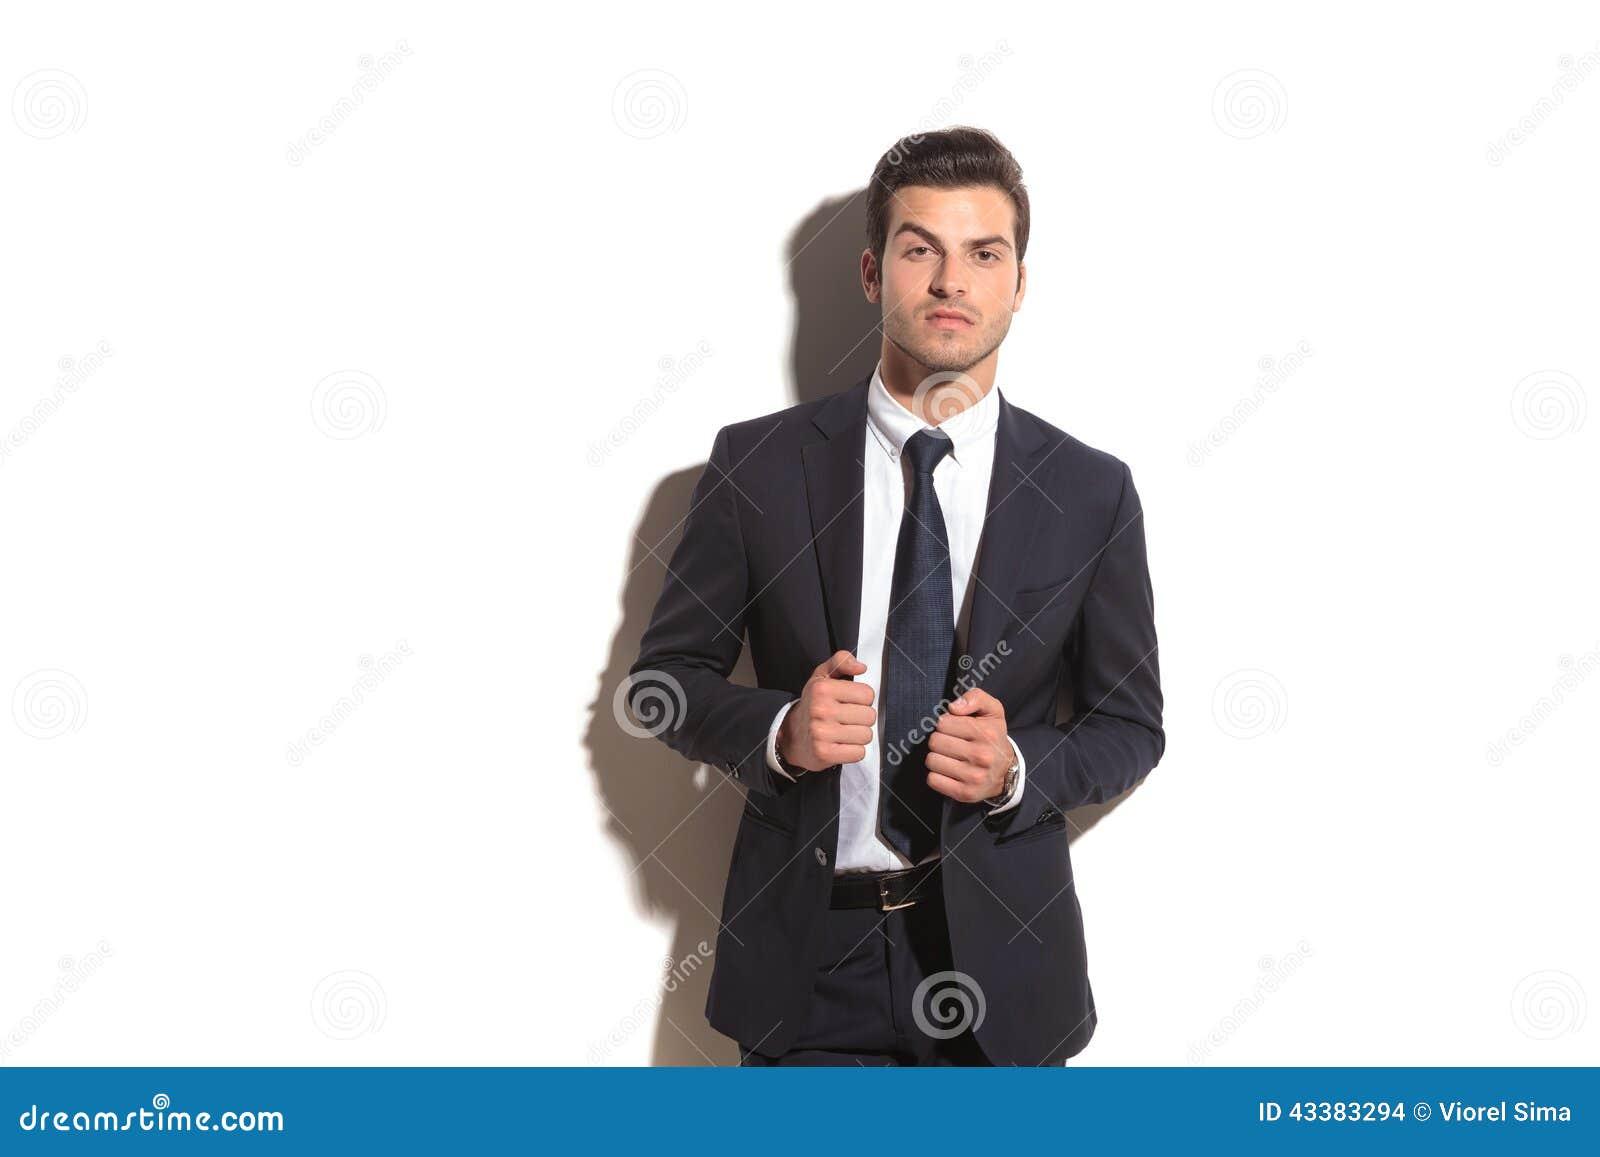 Cappotto Tira Suo L'uomo Affari Il Di Del Elegante Collare 1xzq8wF